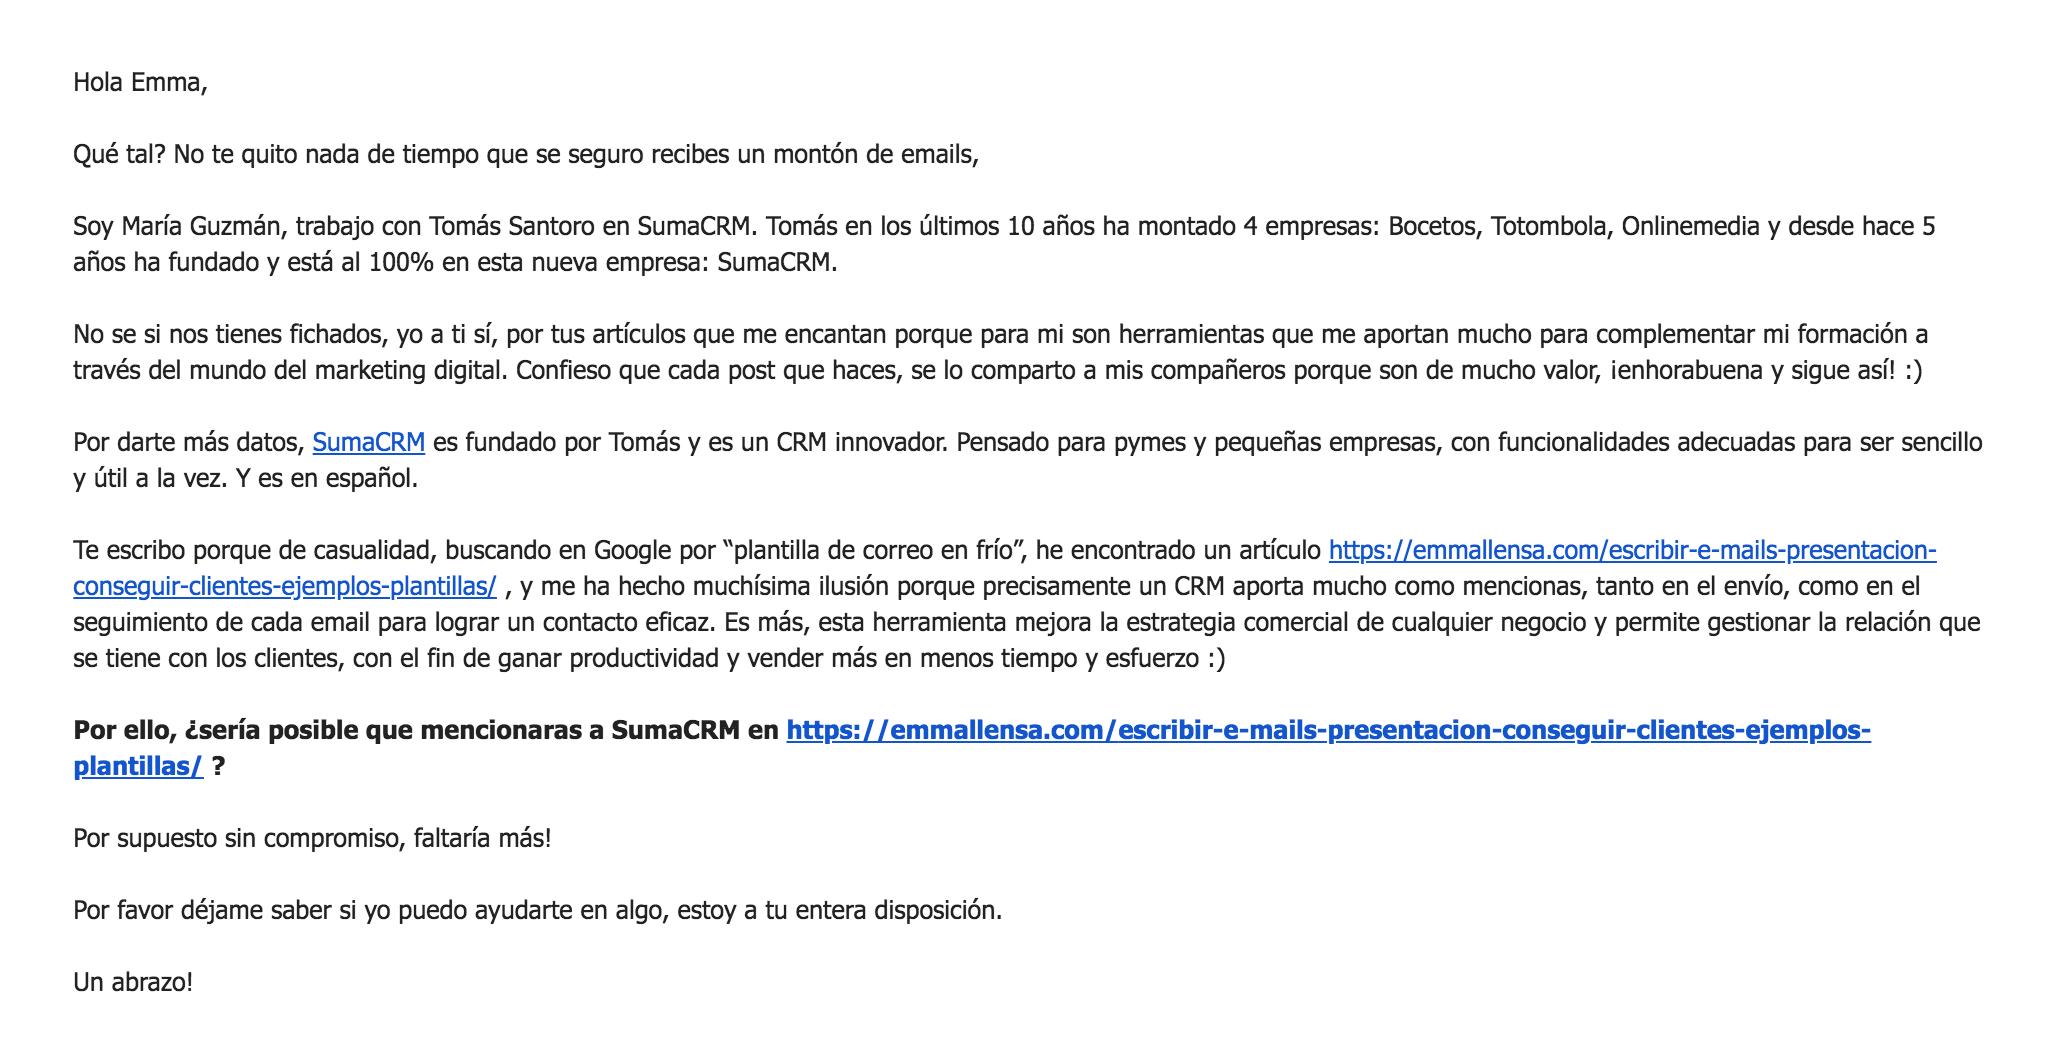 Buen ejemplo de email en frío